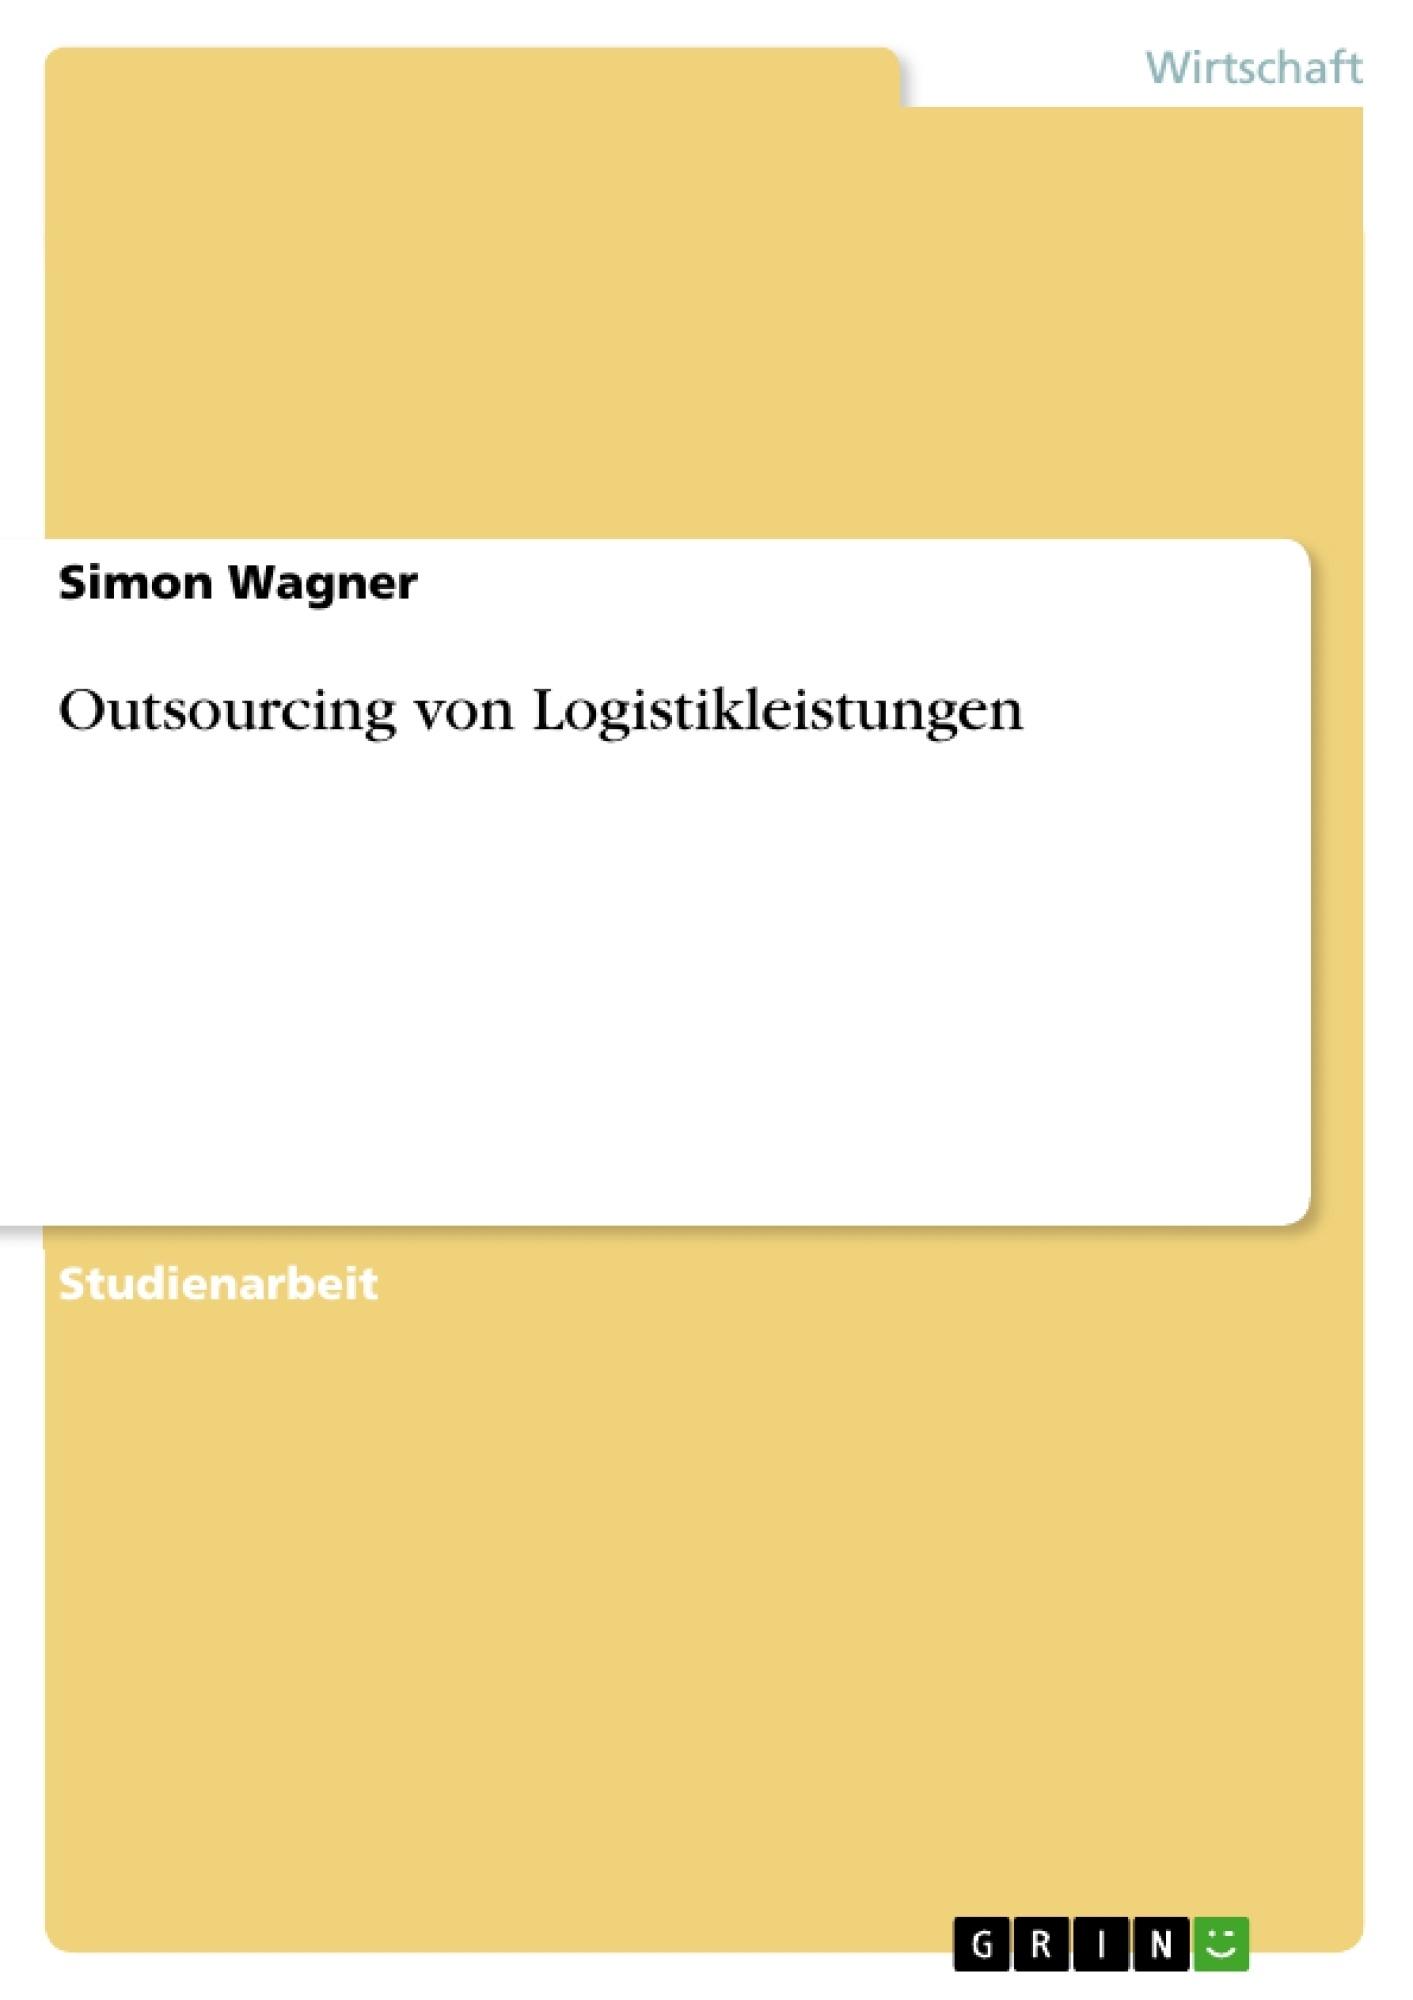 Titel: Outsourcing von Logistikleistungen